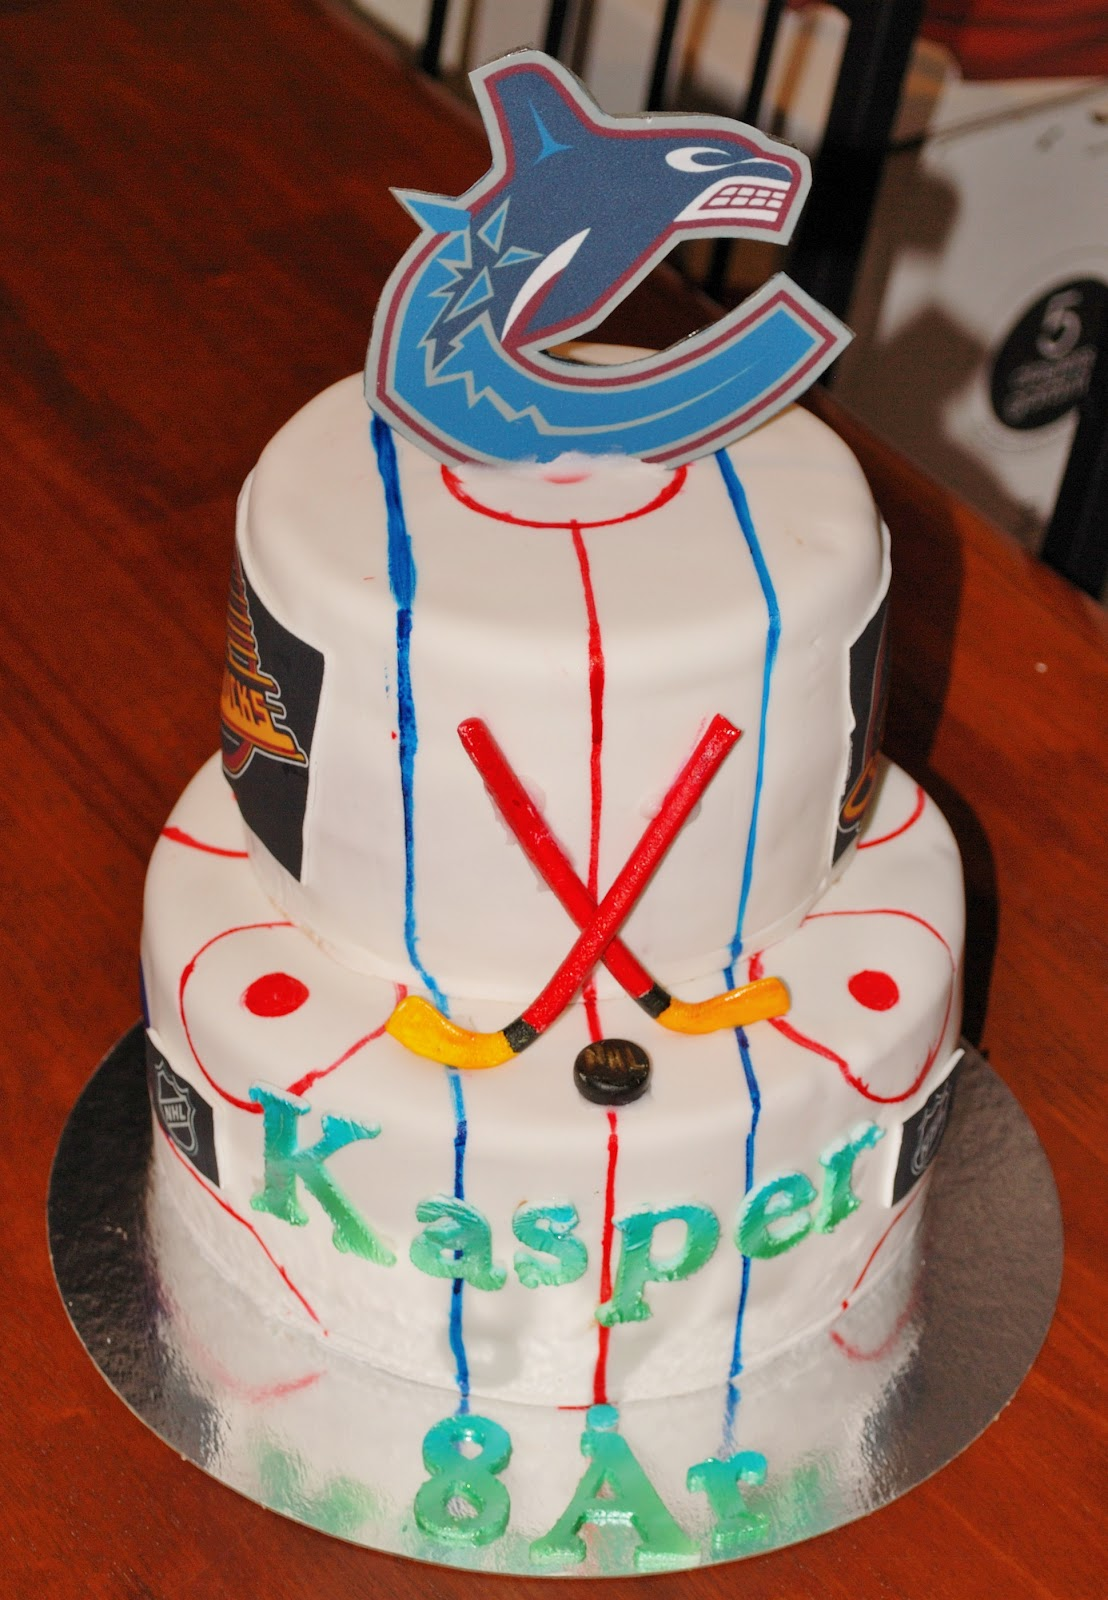 ishockey kake